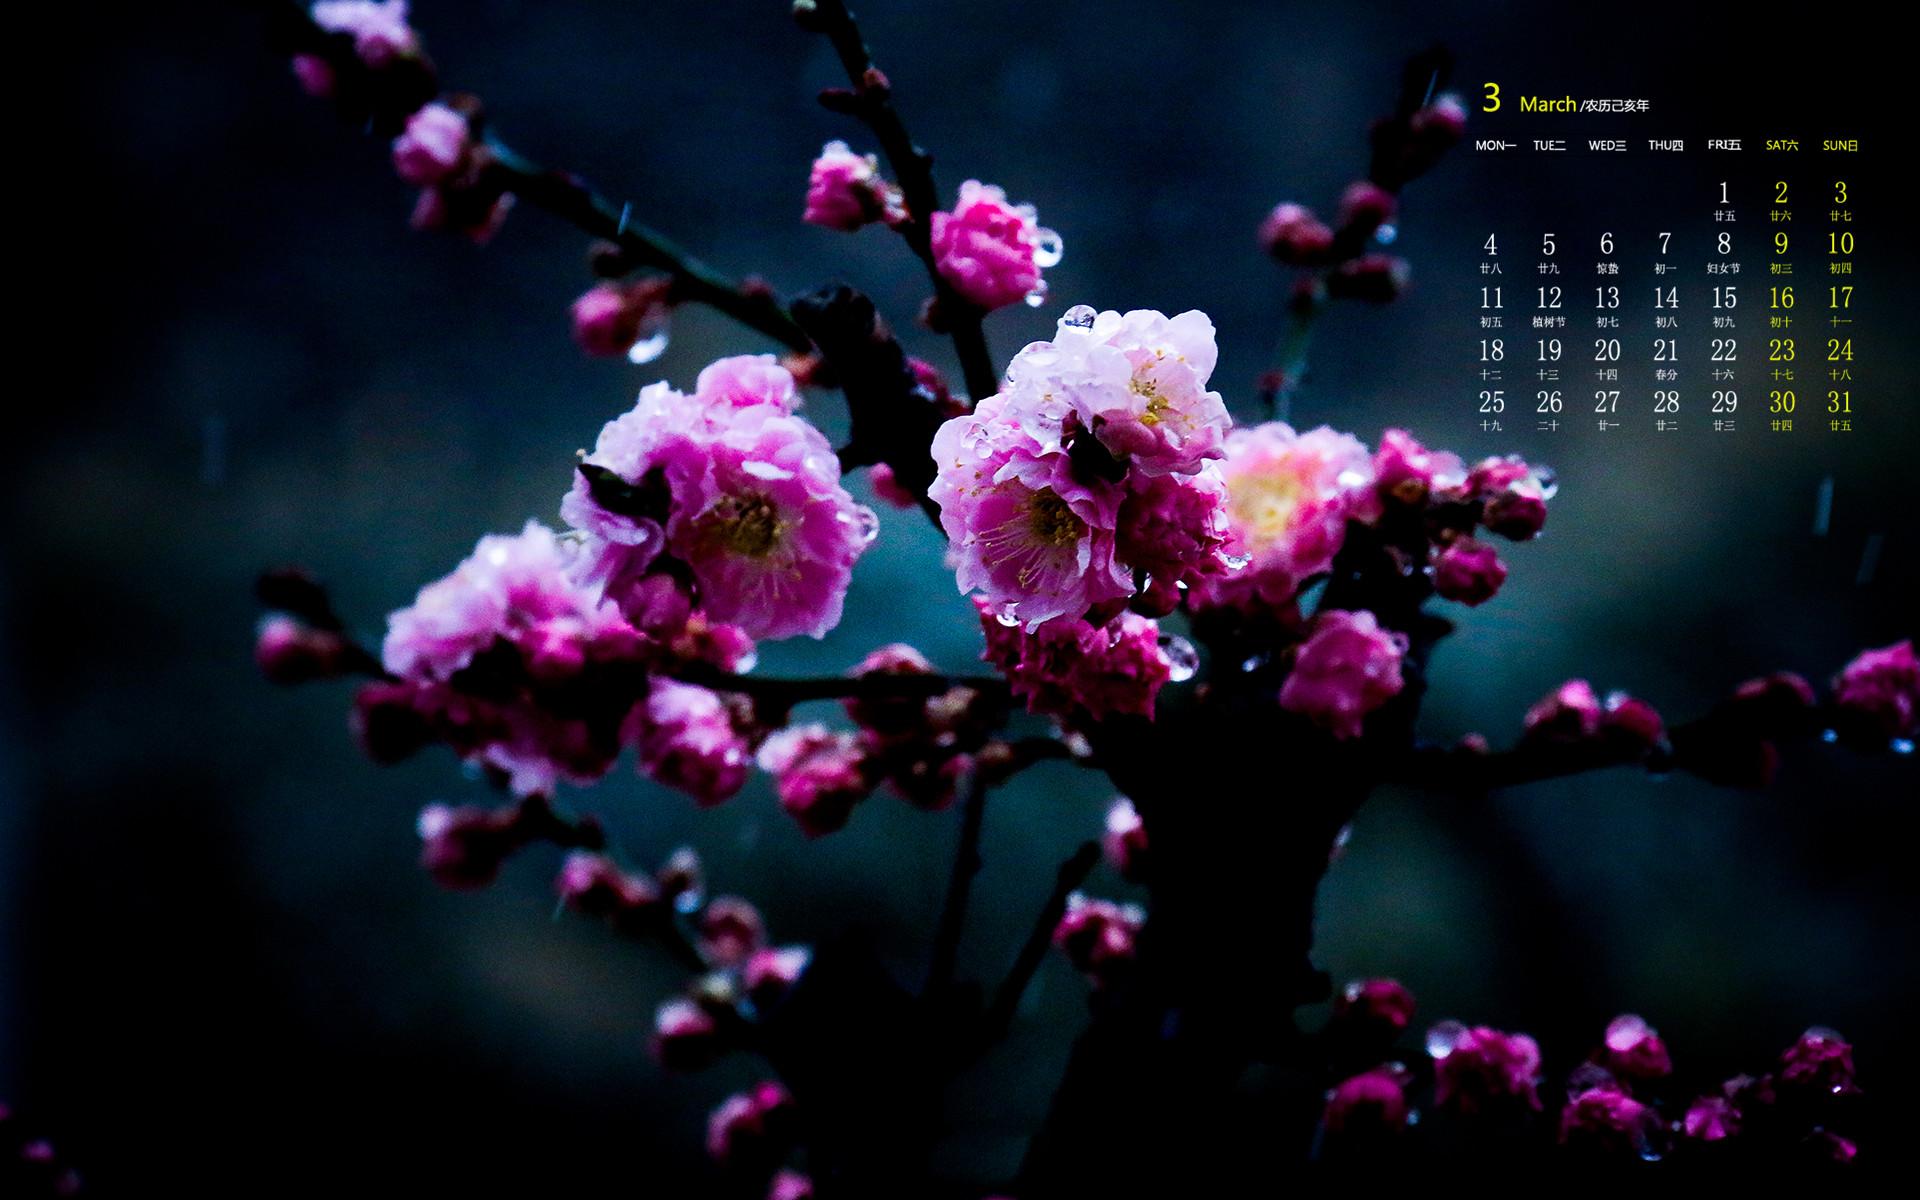 千姿百态的梅花唯美高清日历壁纸